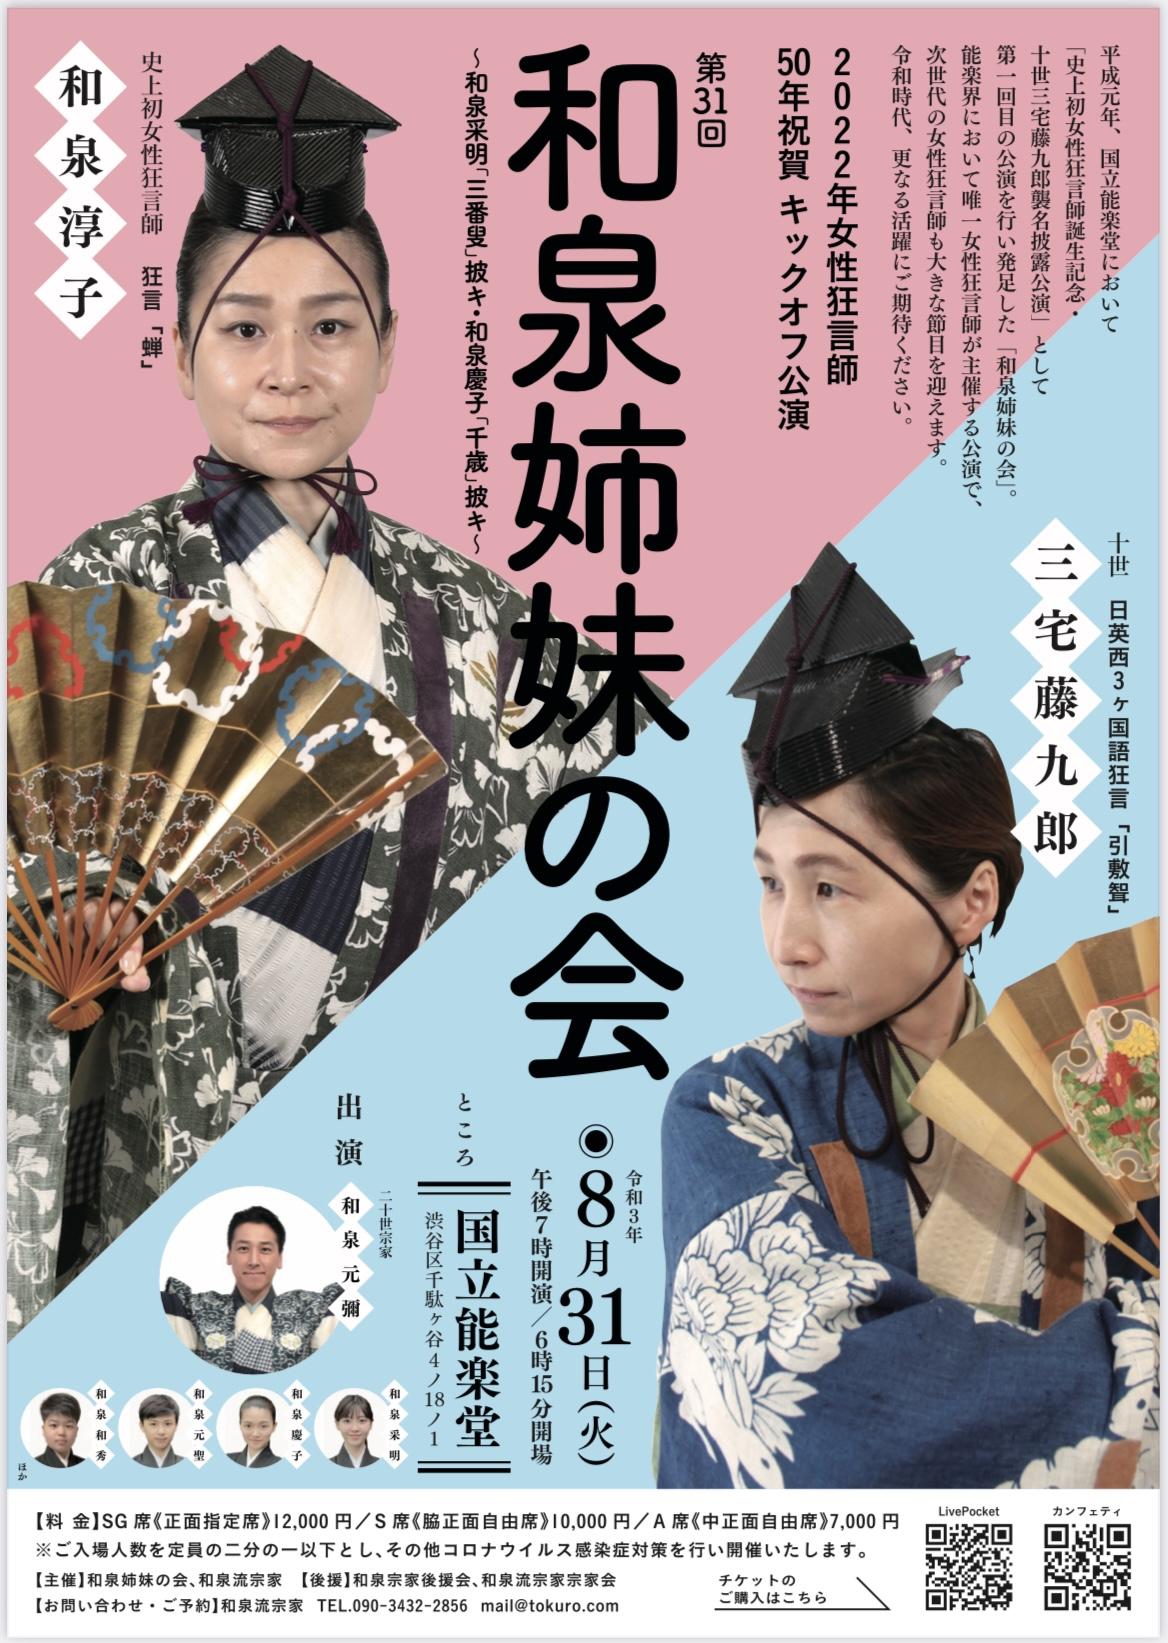 第31回 和泉姉妹の会〜2022年女性狂言師50年祝賀 キックオフ公演